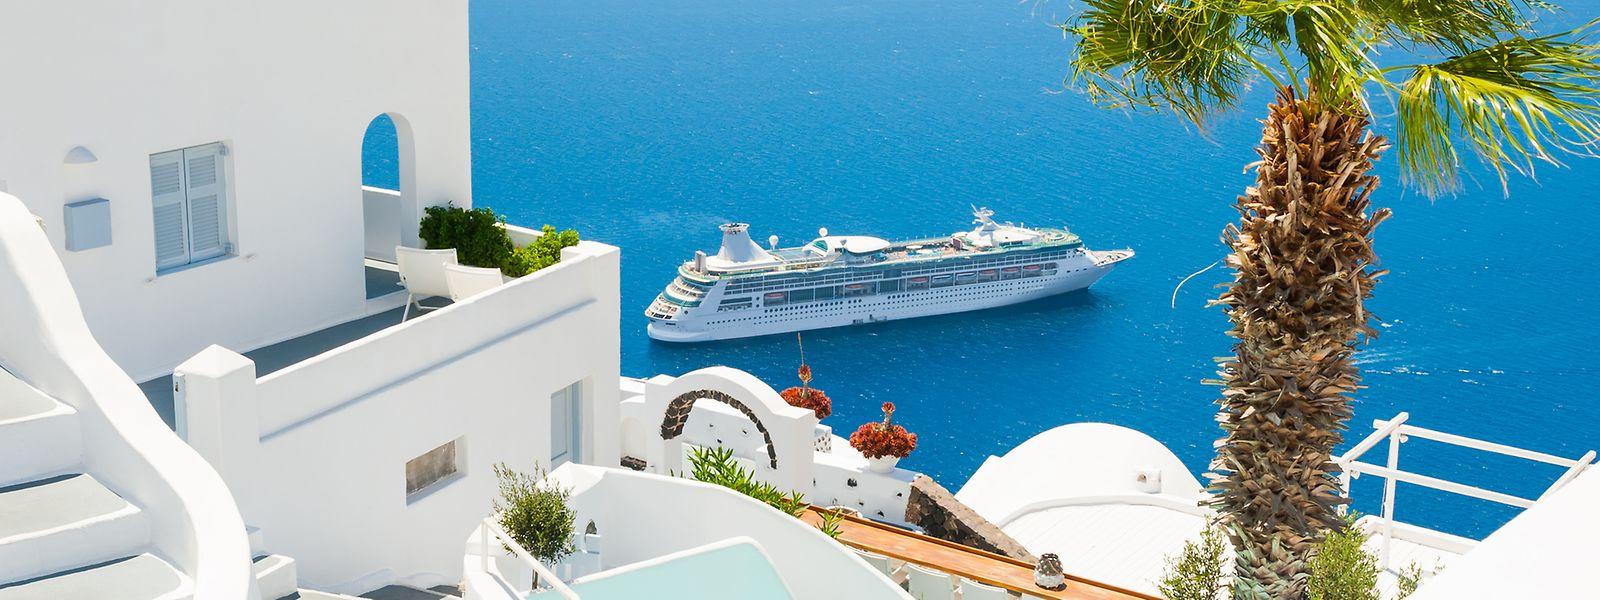 Kreuzfahrtriese vor der Insel Santorin: Bereits jetzt stoßen einige griechische Ferienorte an ihre infrastrukturellen Grenzen.